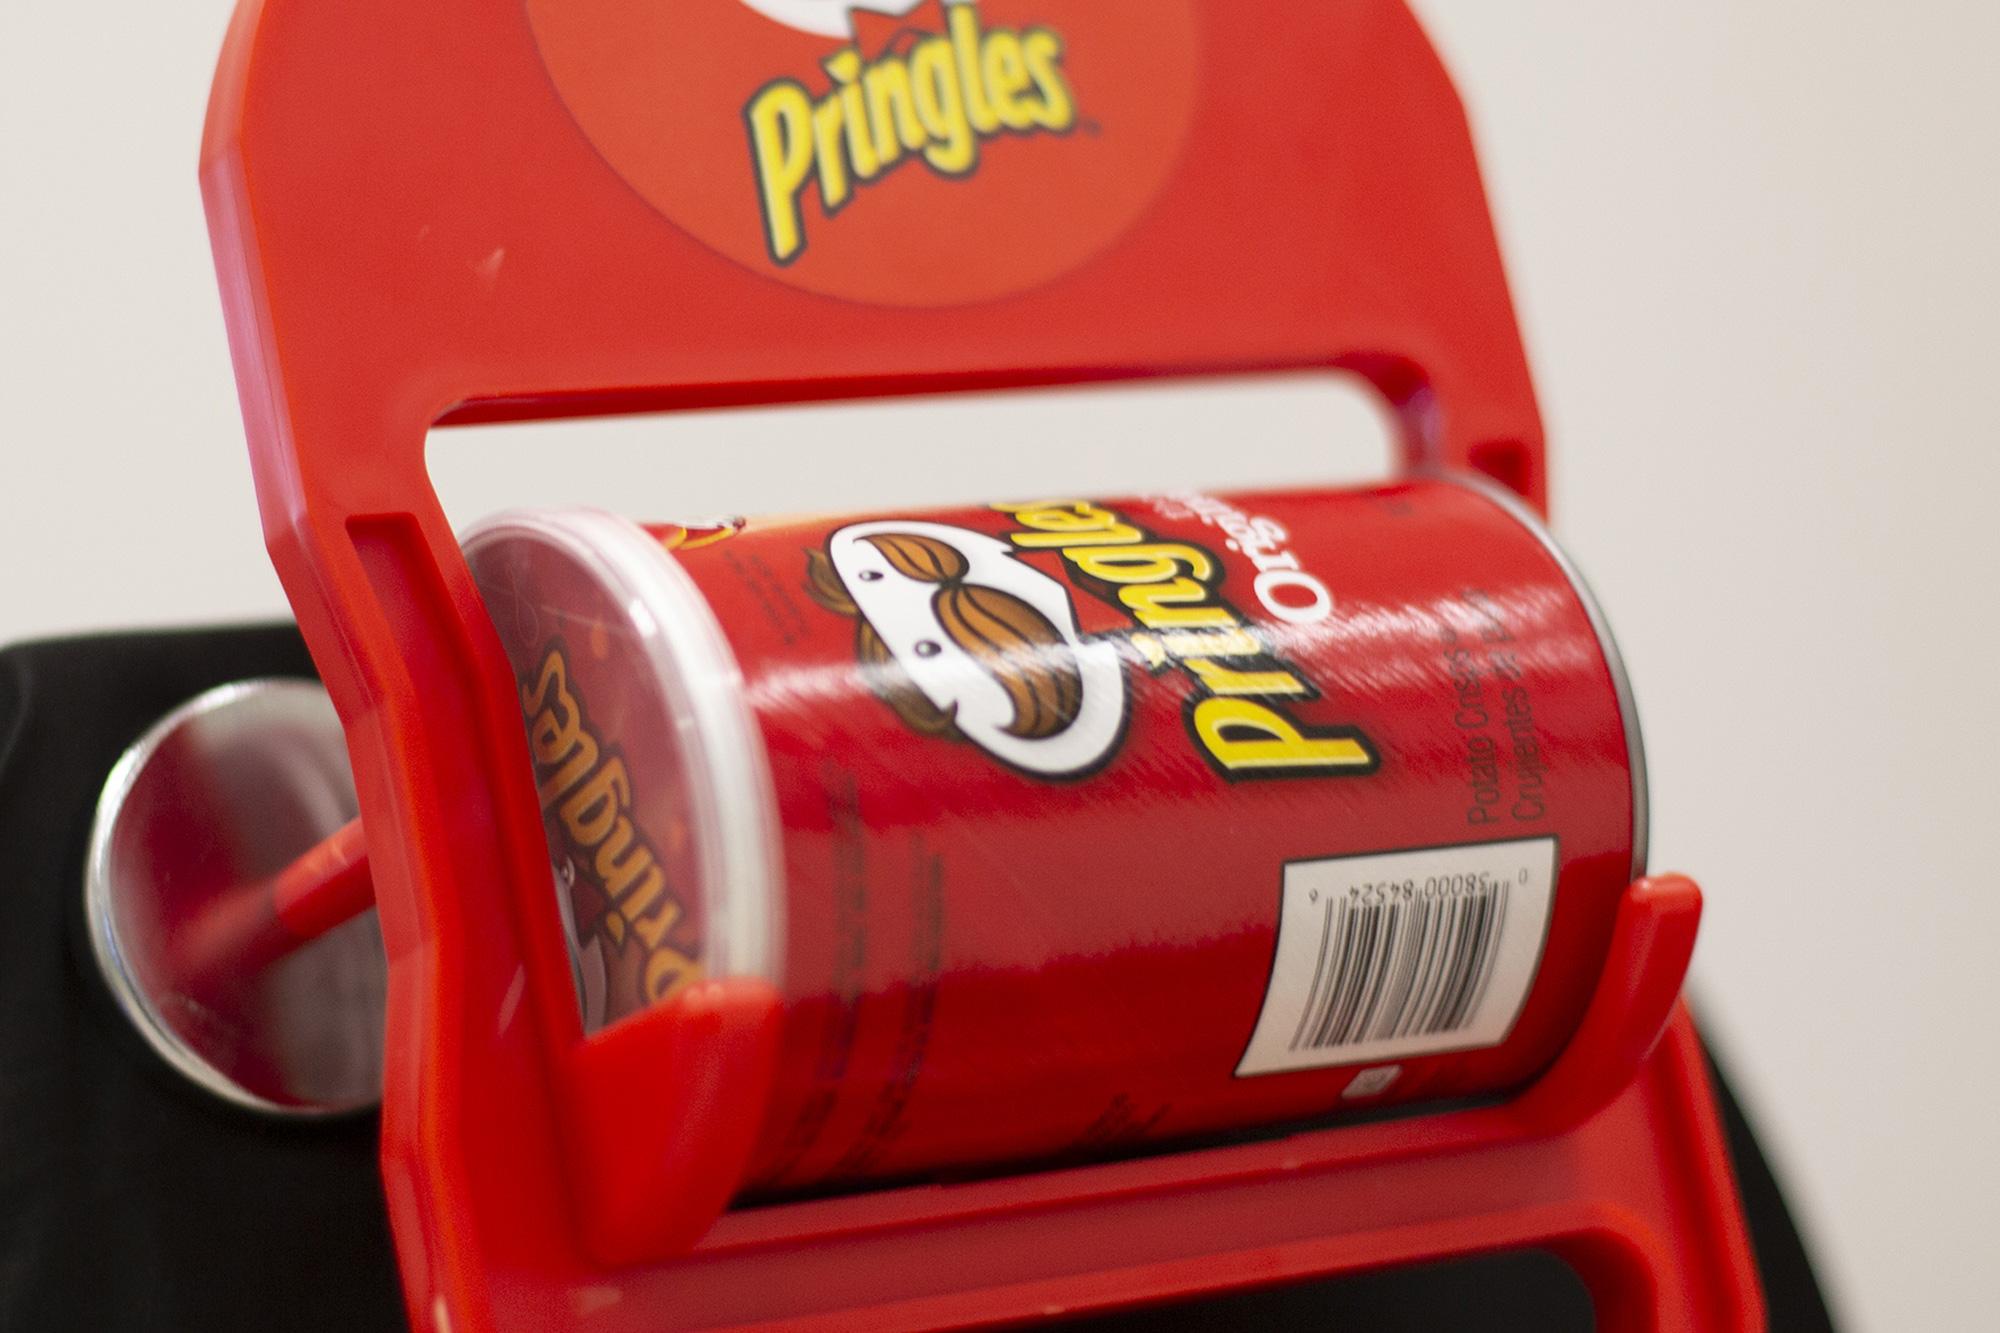 Pringles Semi-permanent display